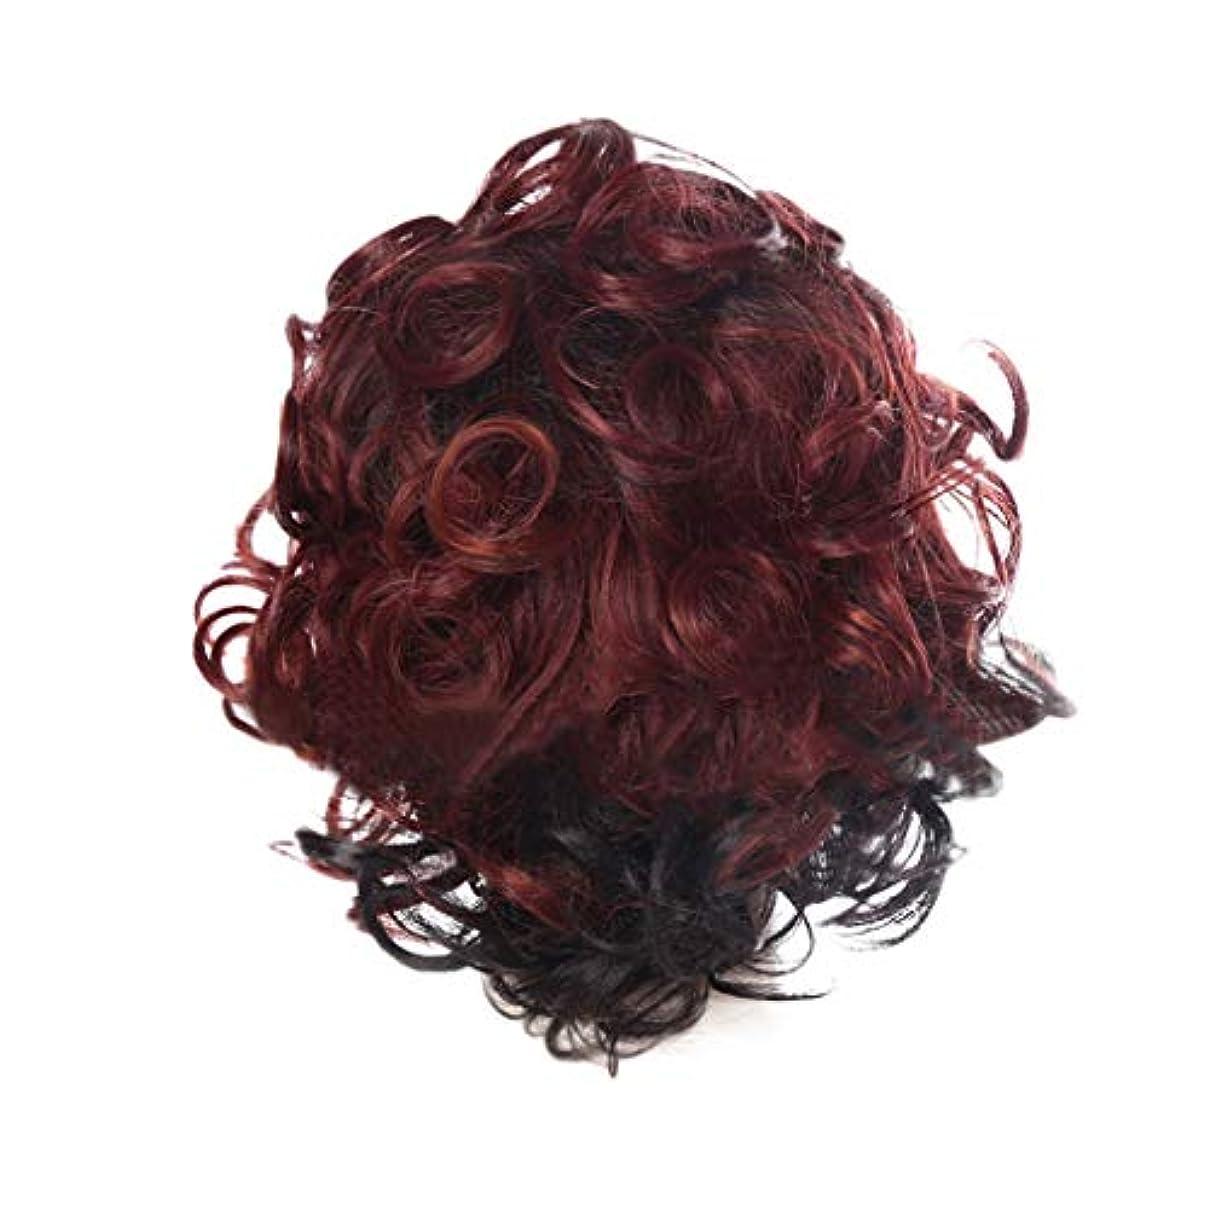 栄養貫通中央女性の赤い短い巻き毛の人格爆発ヘッドかつら35 cmをかつら